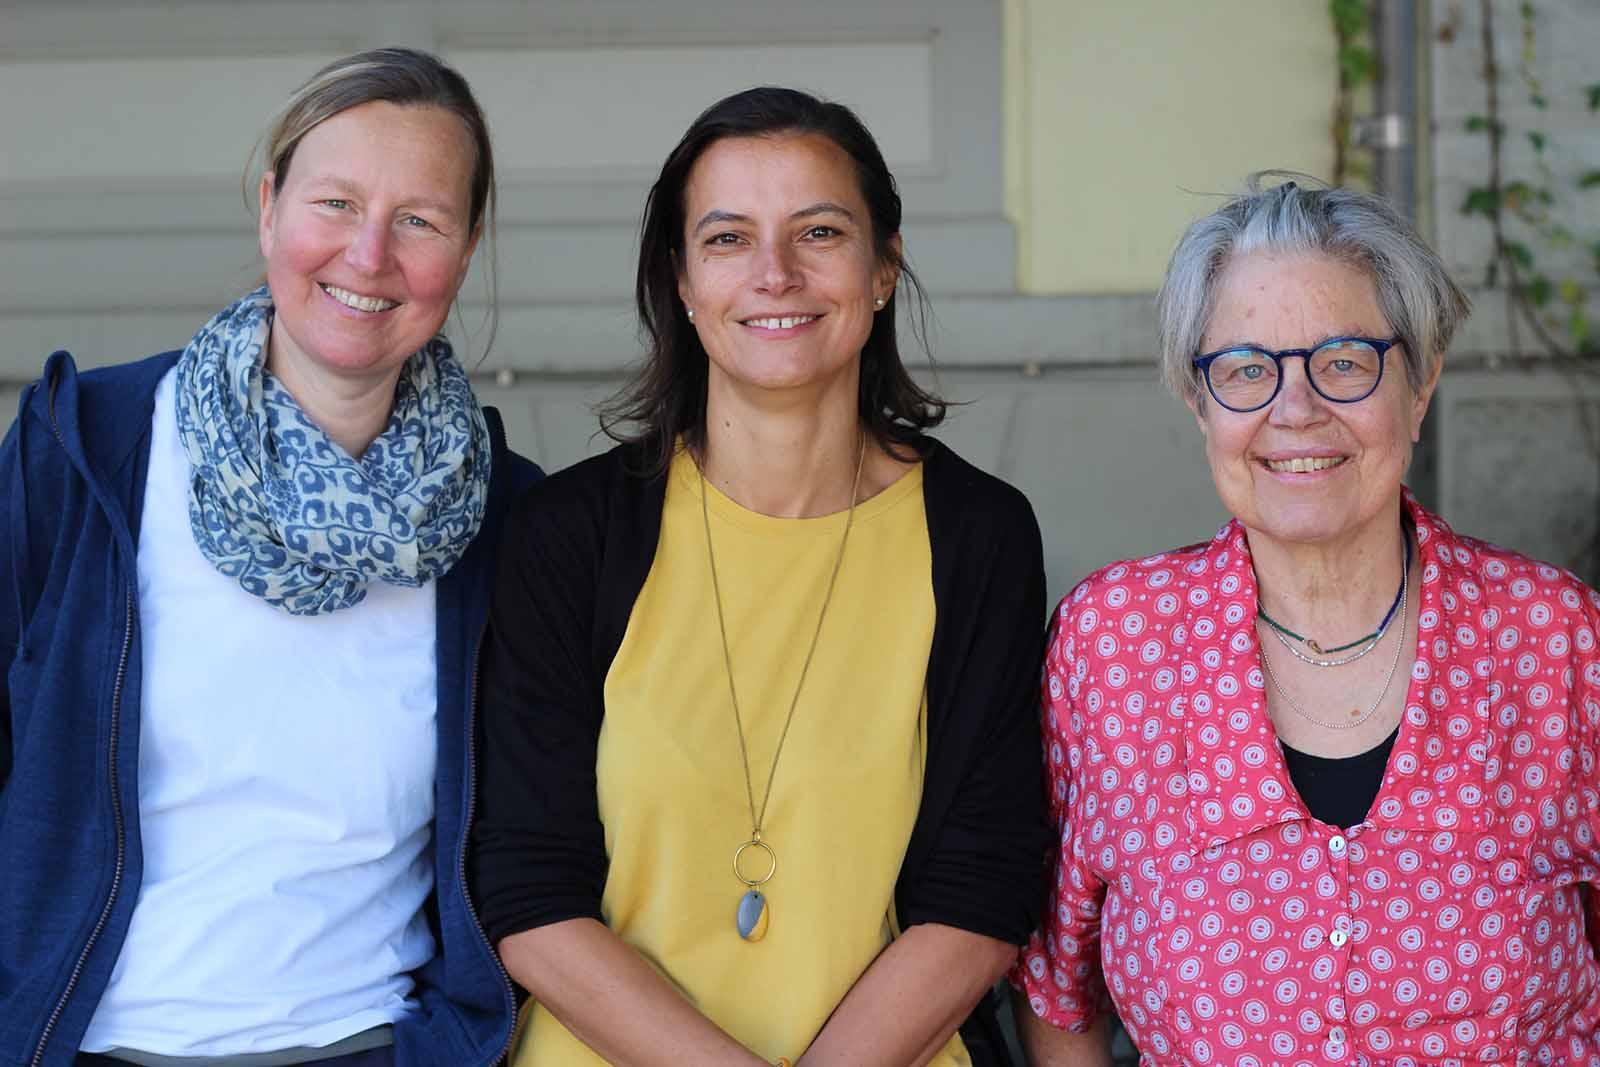 Kinderkulturgruppe GZ Wipkingen: Wiebke Gnodtke, Sophie Stiller, Esther Eckstein (v.l.n.r.). Es fehlt Maja Baumgartner.